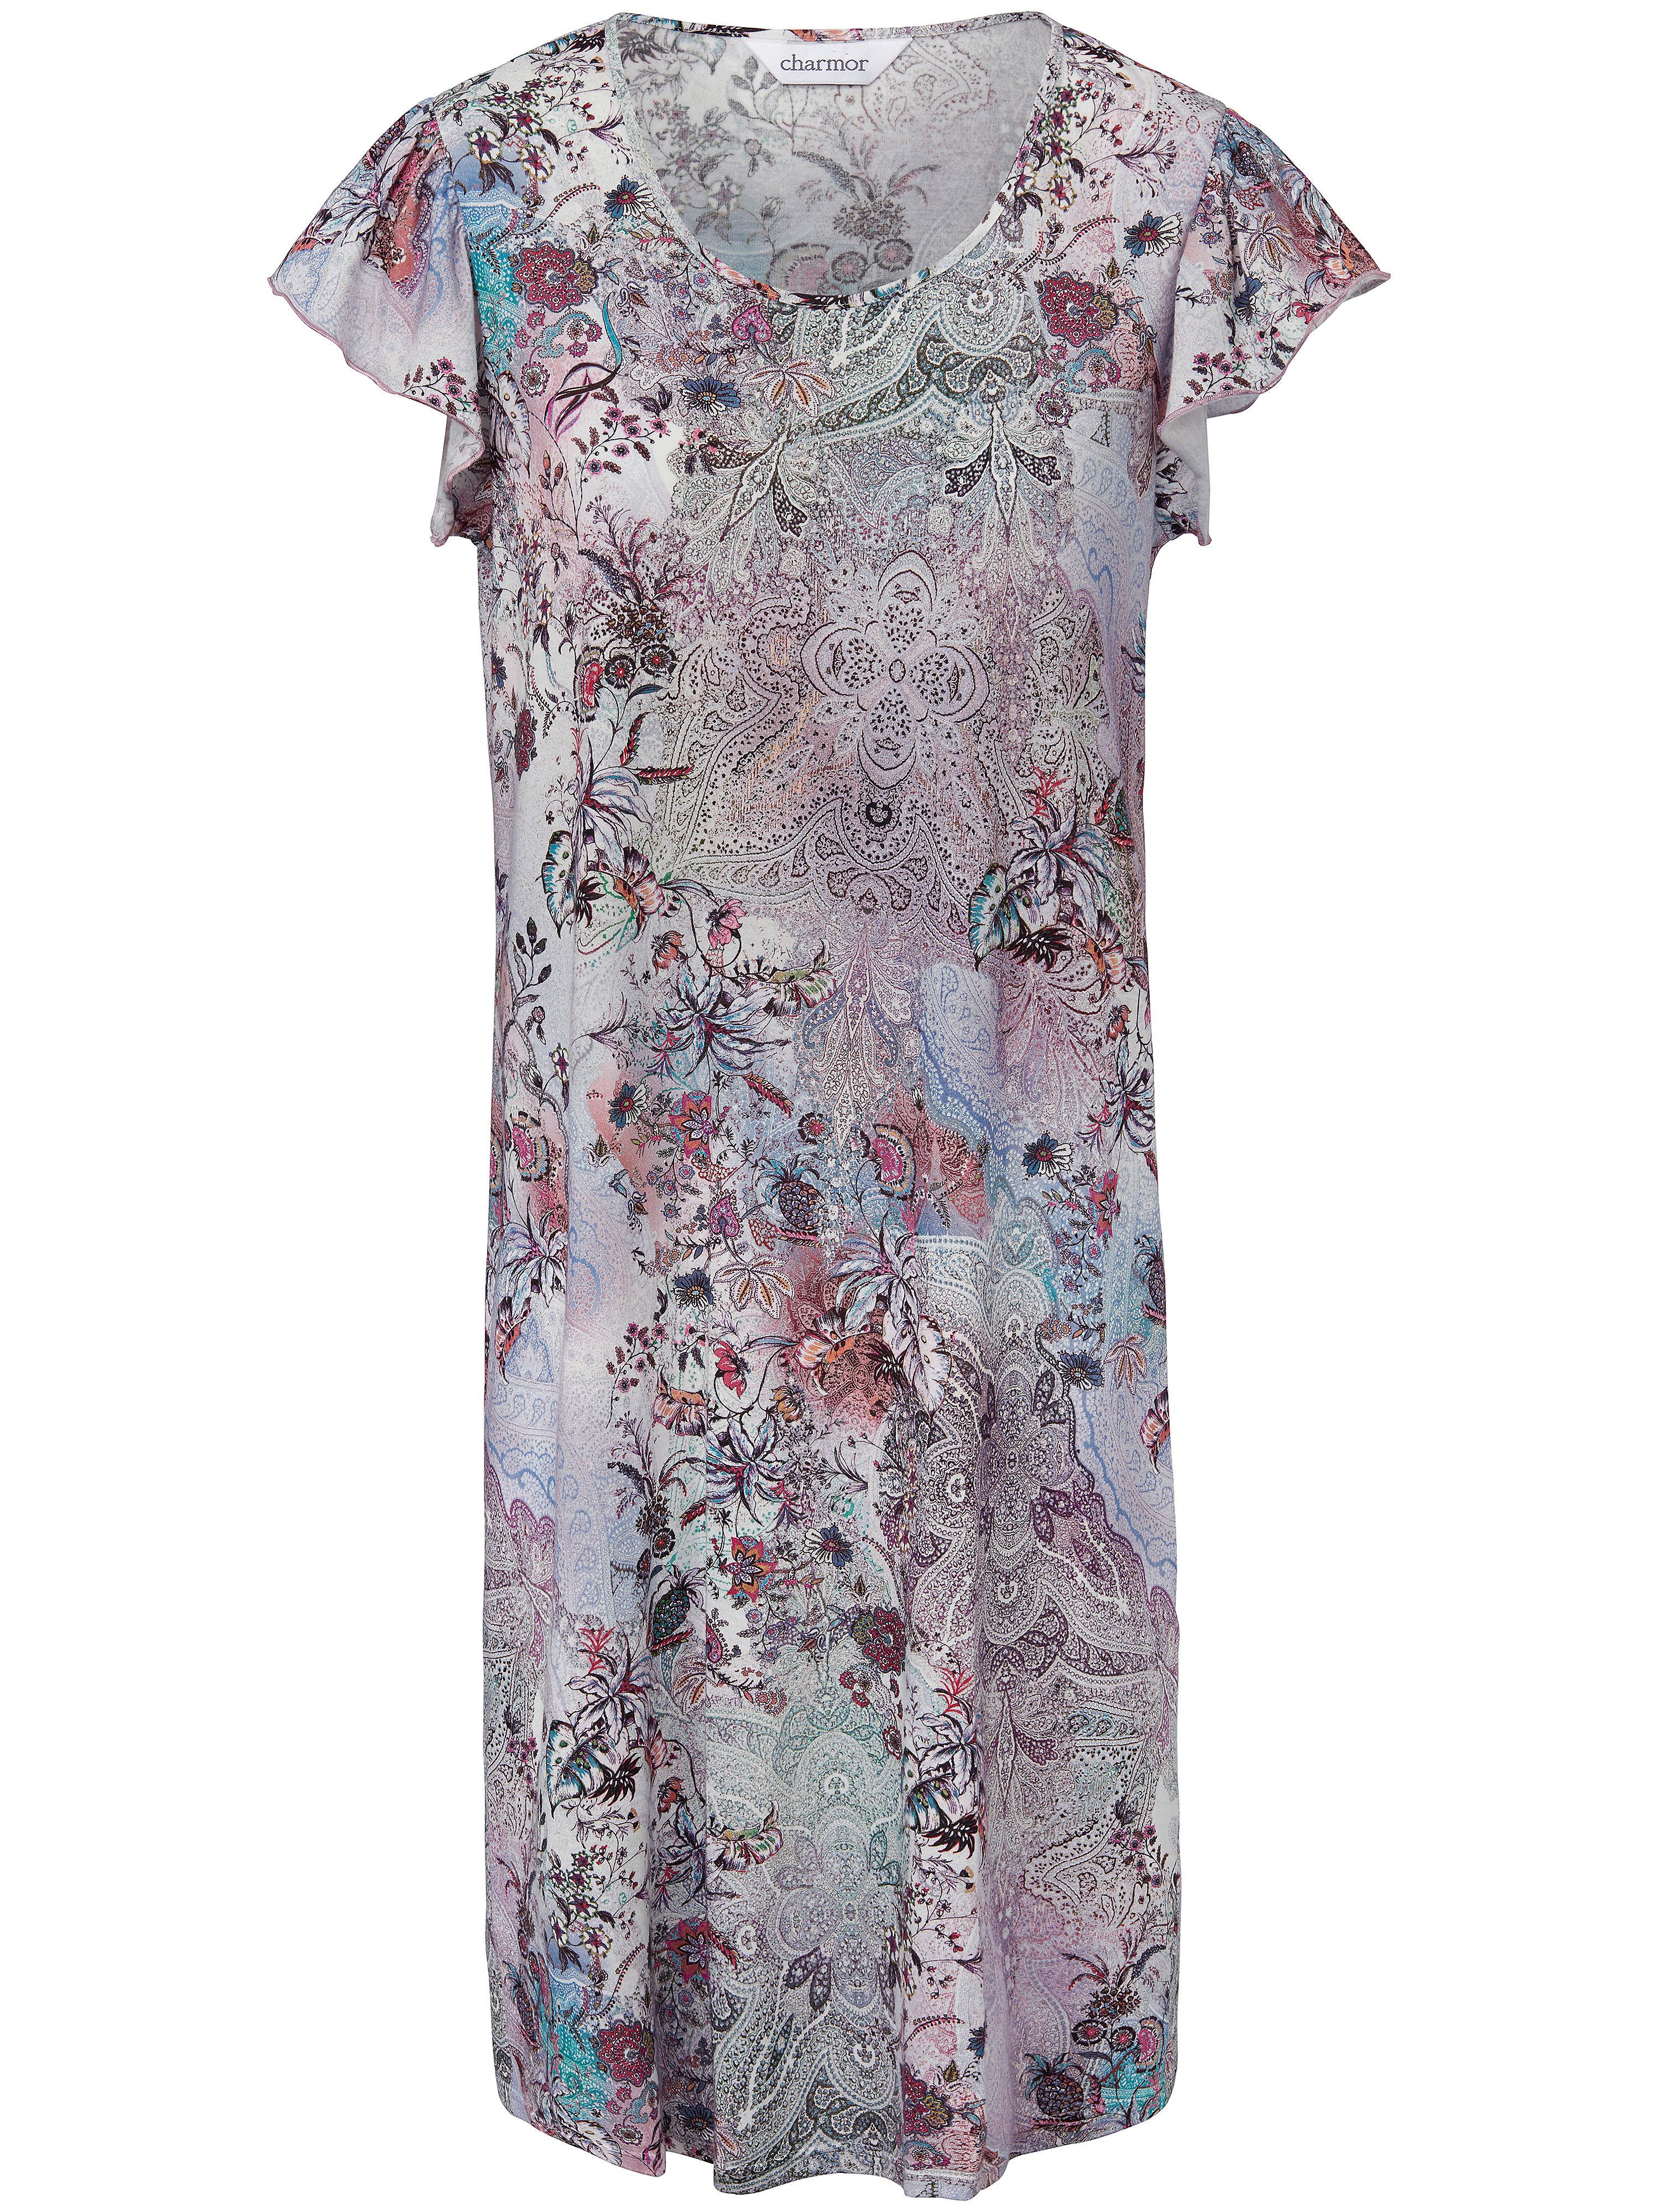 La chemise nuit manches courtes  Charmor multicolore